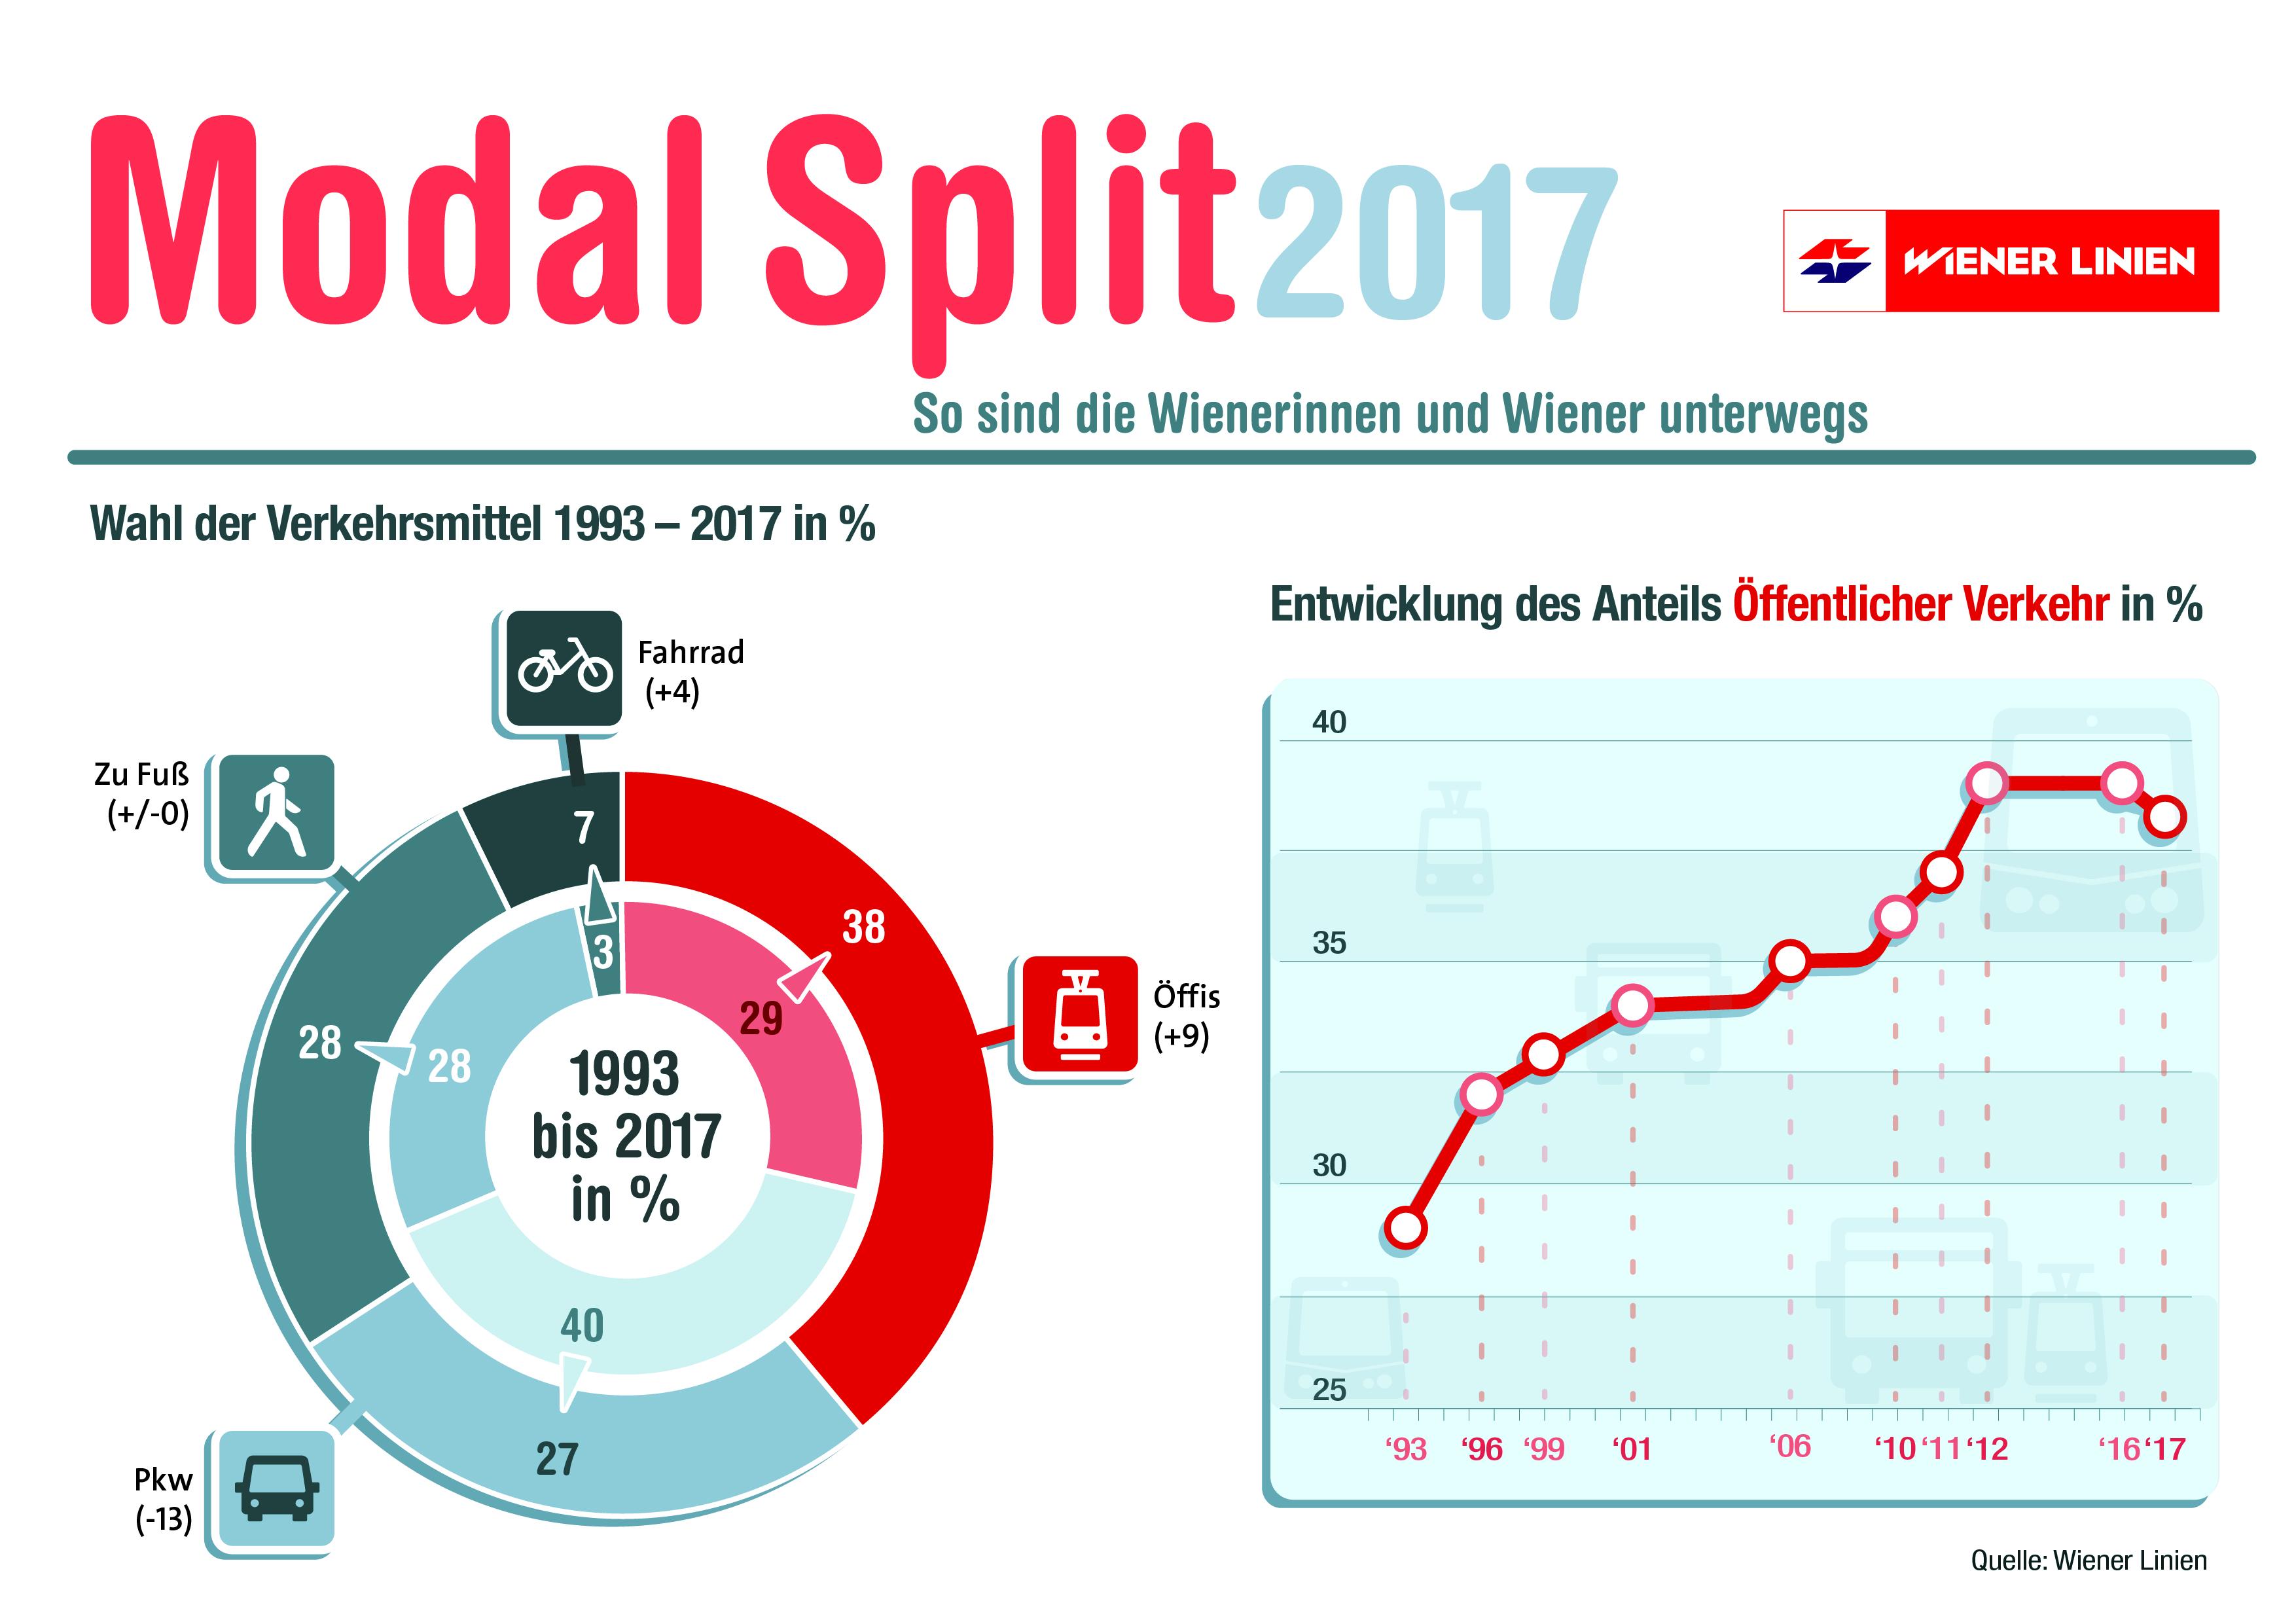 Modal Split 2017